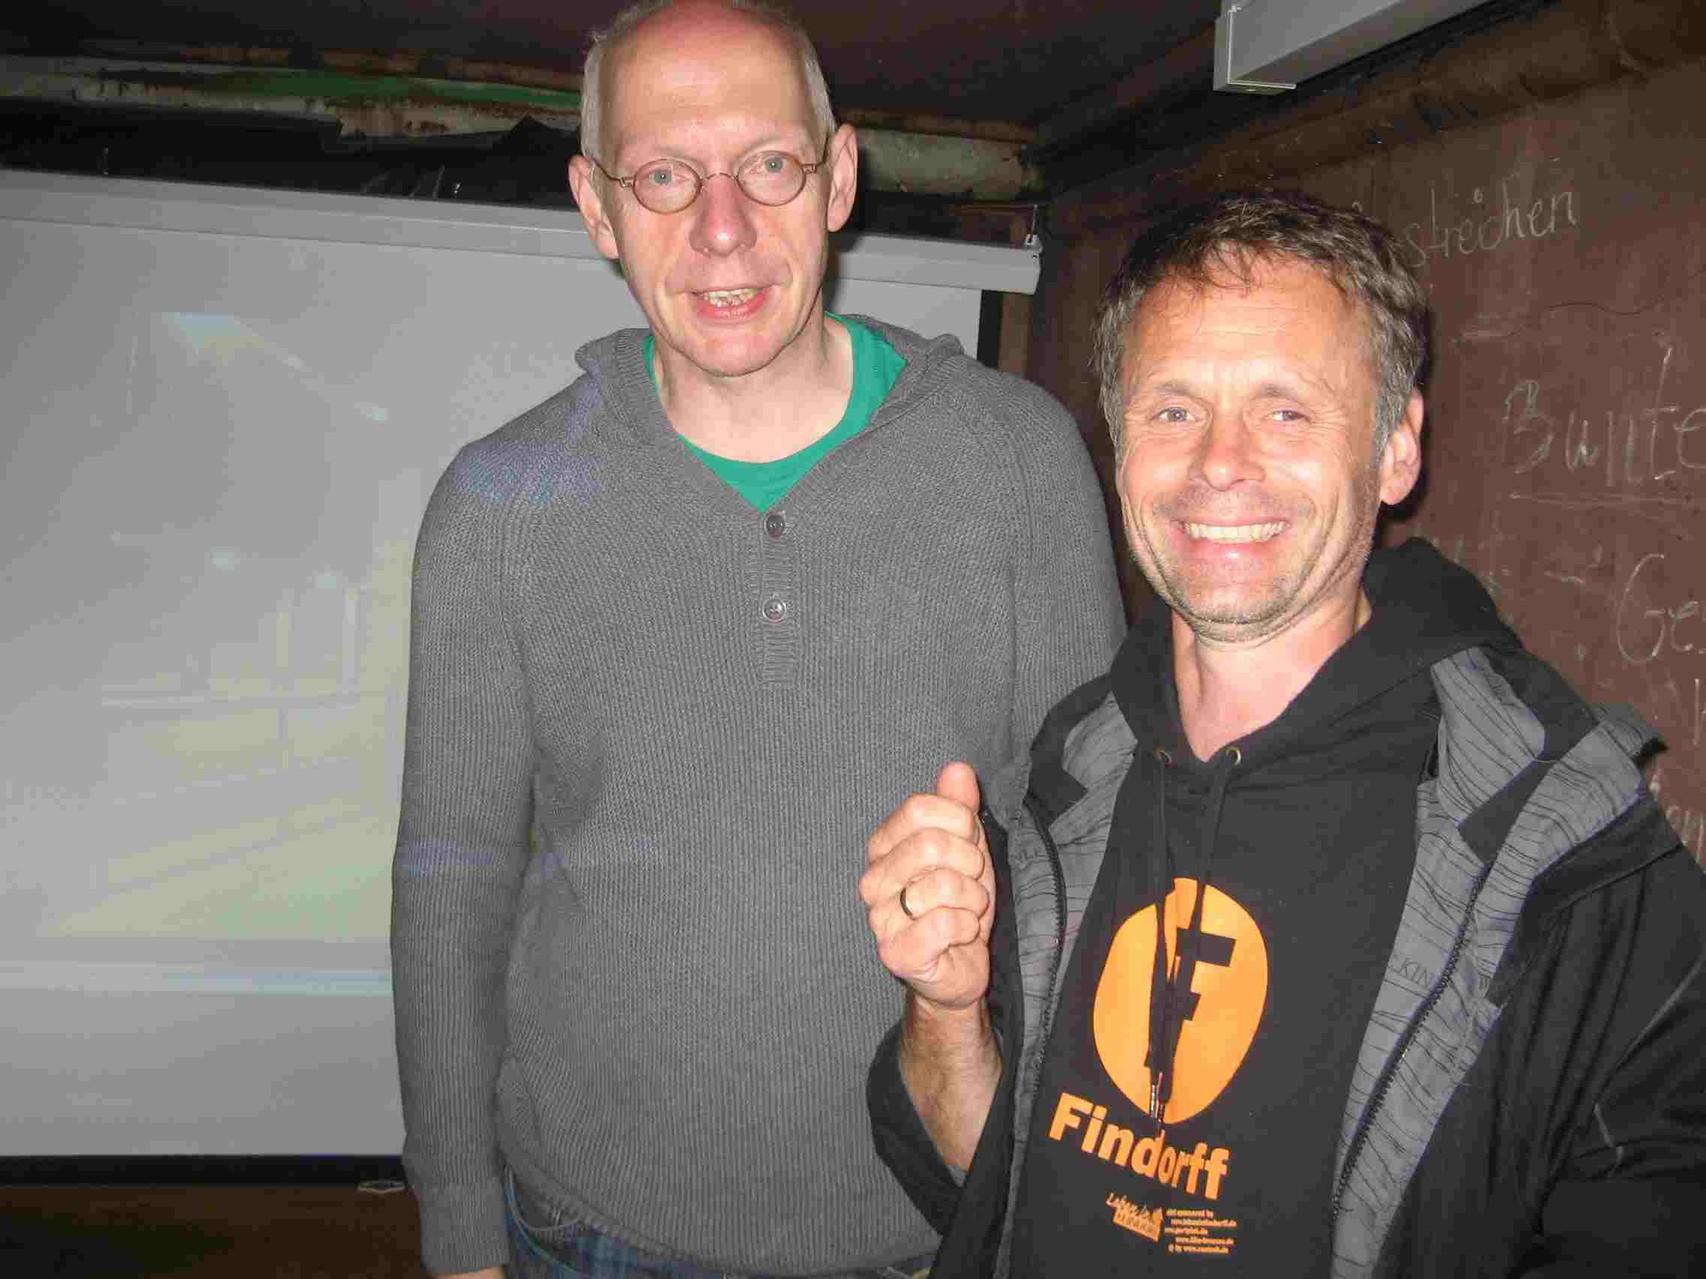 Der Landesvorsitzende der GRÜNEN, Ralph Saxe zu Gast beim Tunnelblick, rechts Ulf Jacob (LiF).